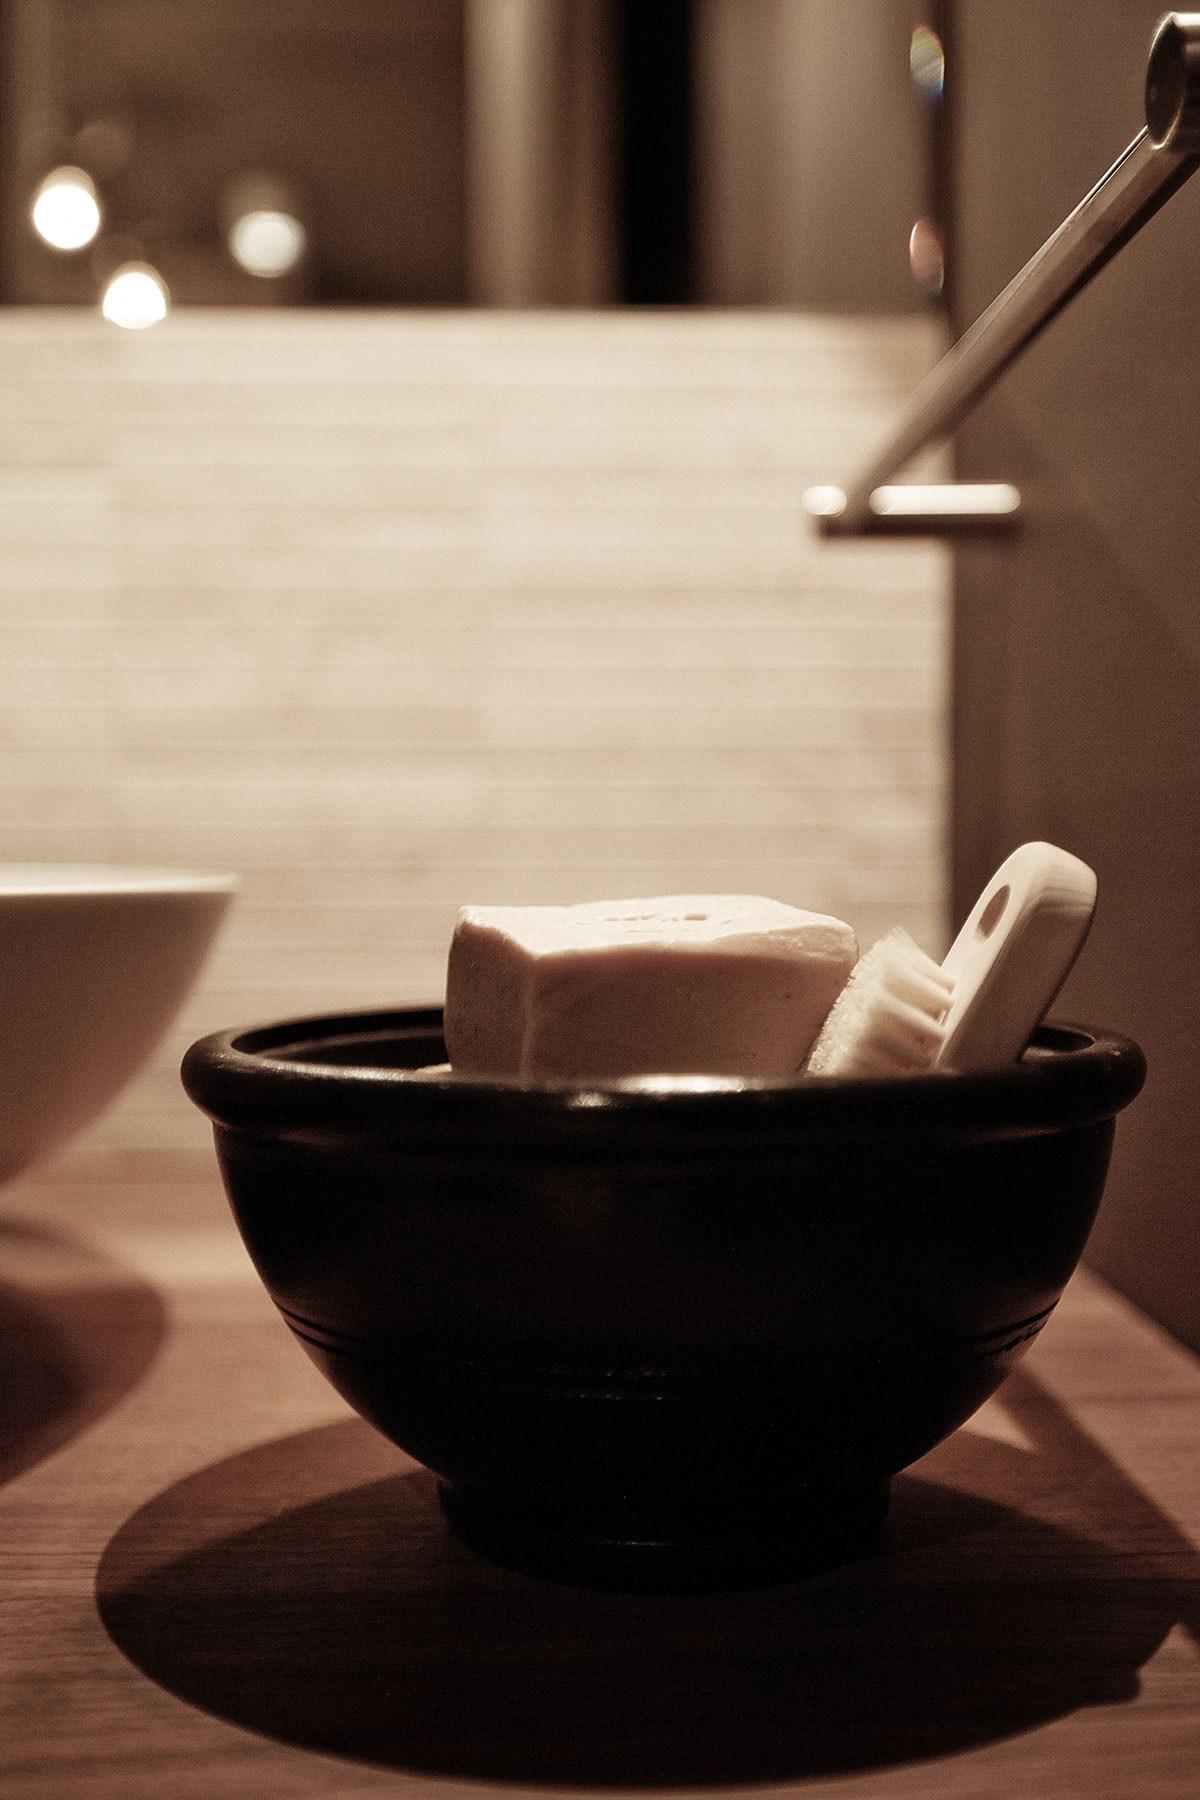 Интересное решение - использовать глиняную тарелку в качестве мыльницы.